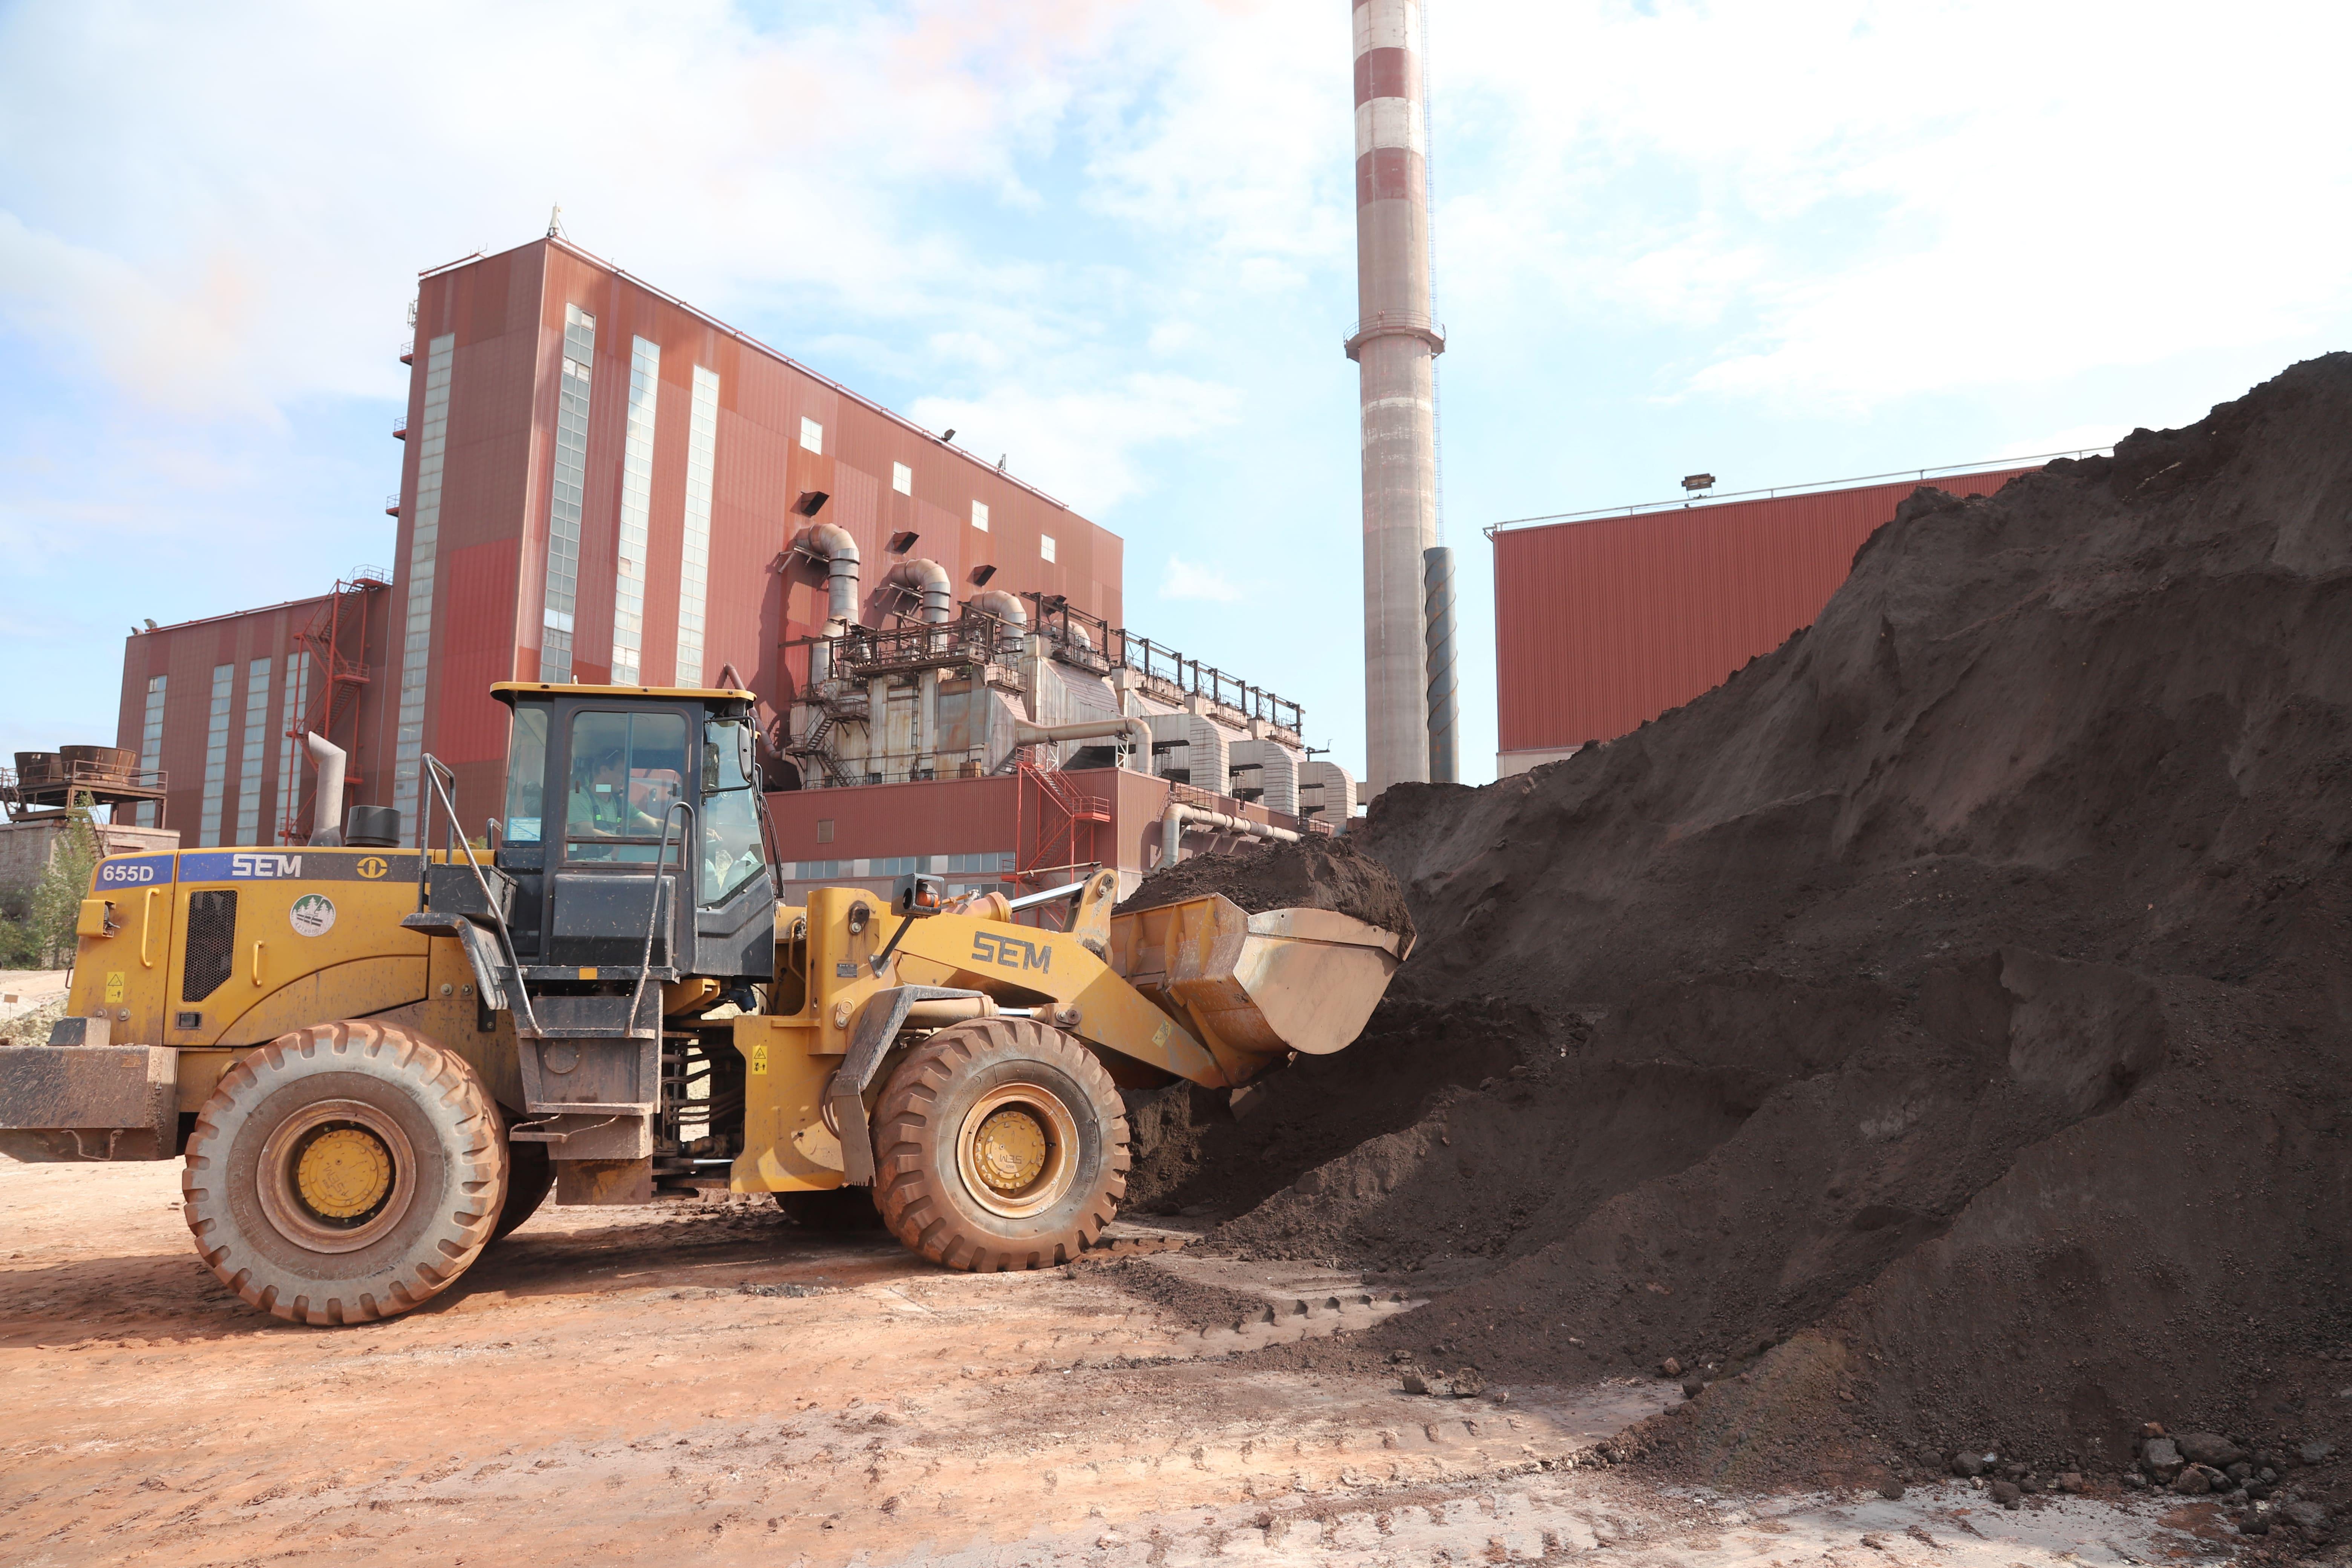 Аглоруду Яковлеского КОГа привозят на открытый склад участка дробления и измельчения нерудных материалов.